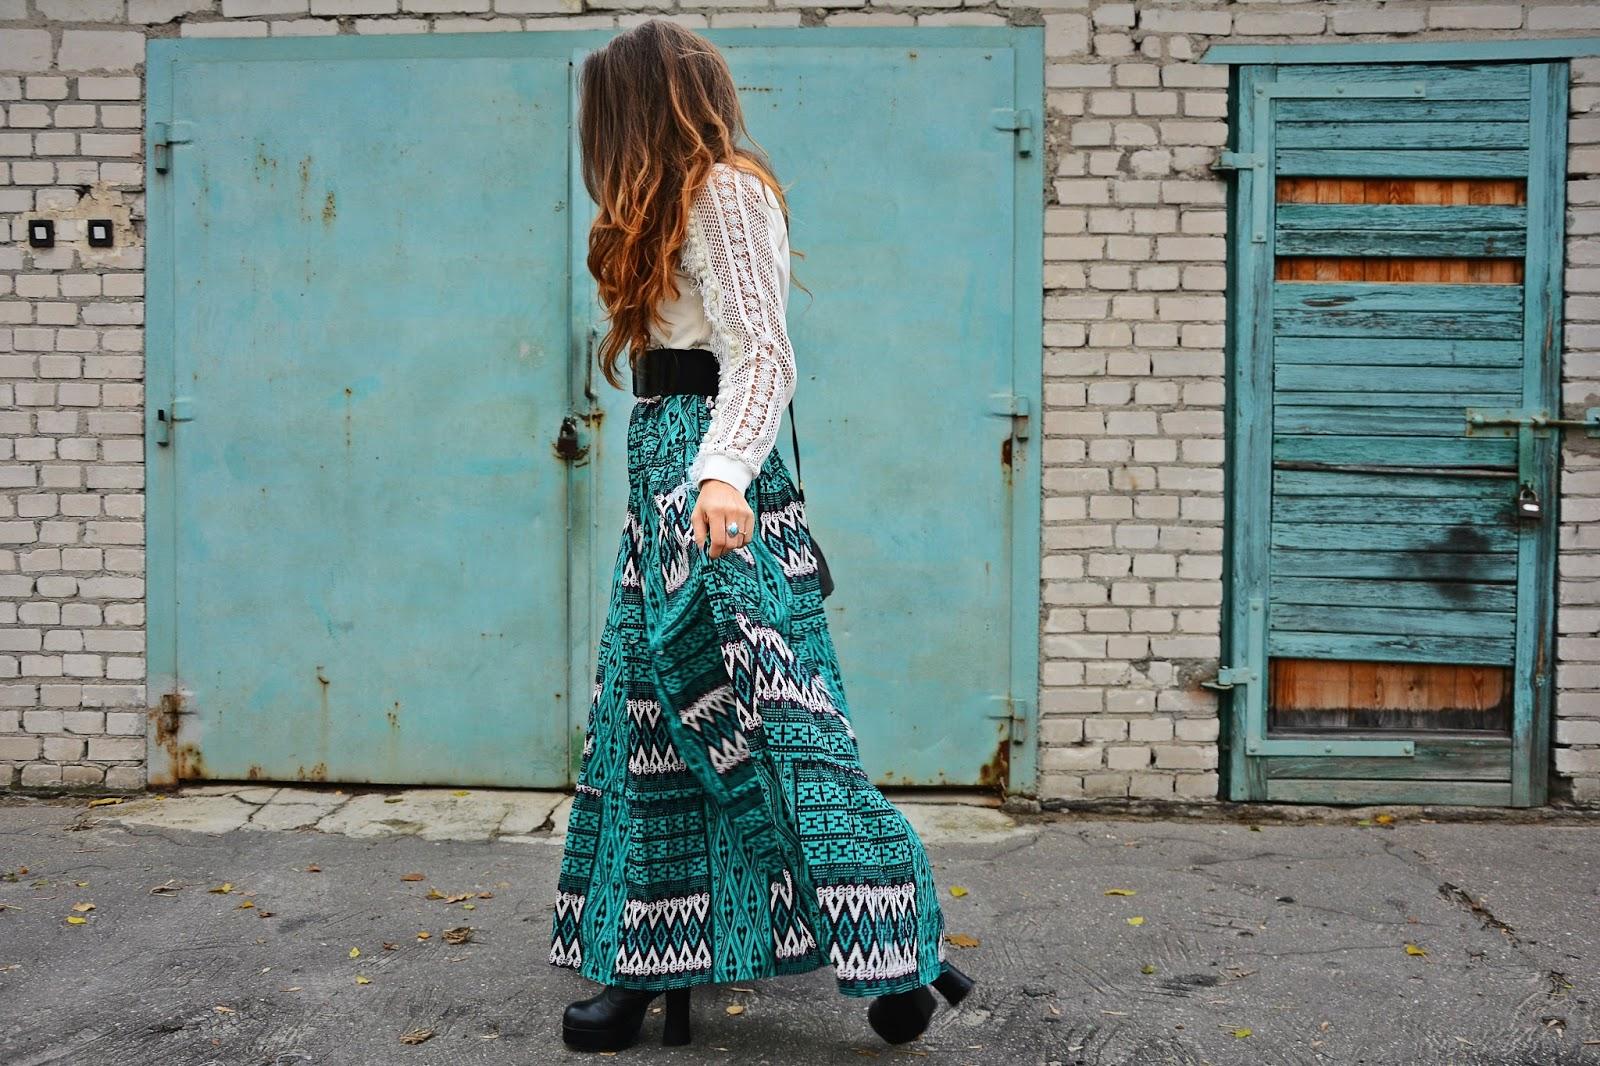 Ombre hair, aztec skirt